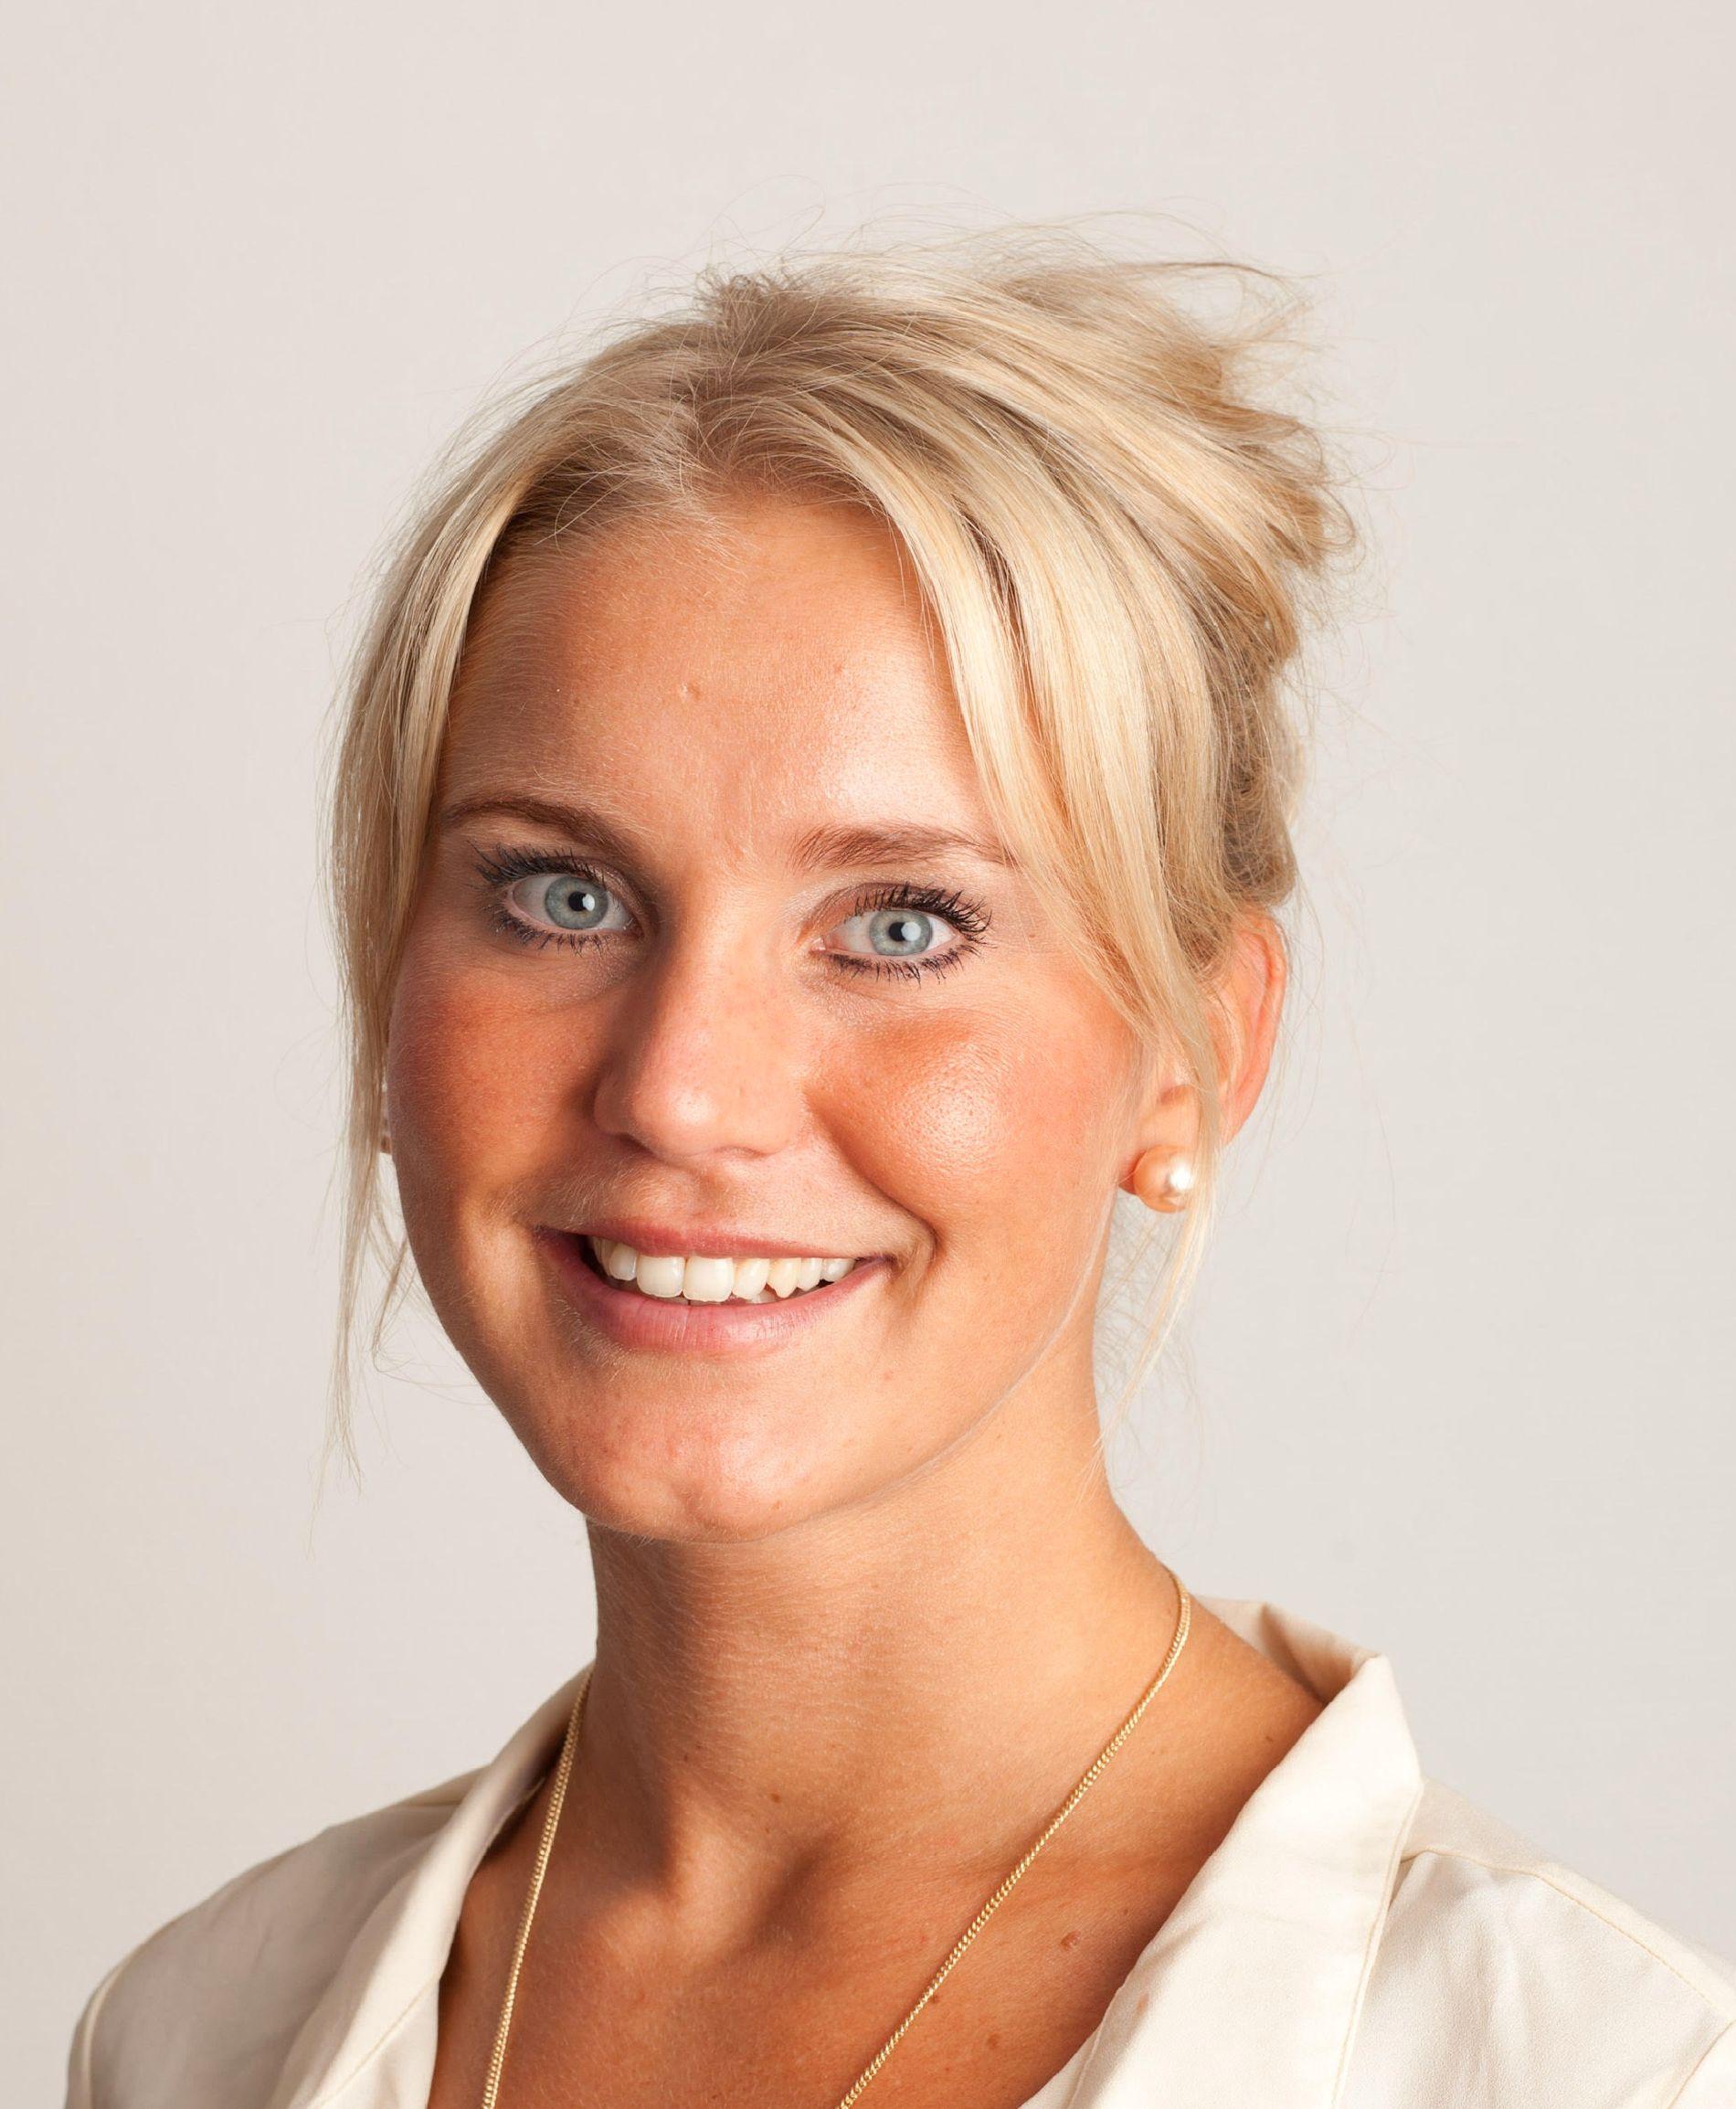 ÅPENHET: Det å fortelle om vanskelige erfaringer rundt abort, kan være veldig vondt, men det er likevel viktig, skriver Maria Victoria Kjølstad Aanje.